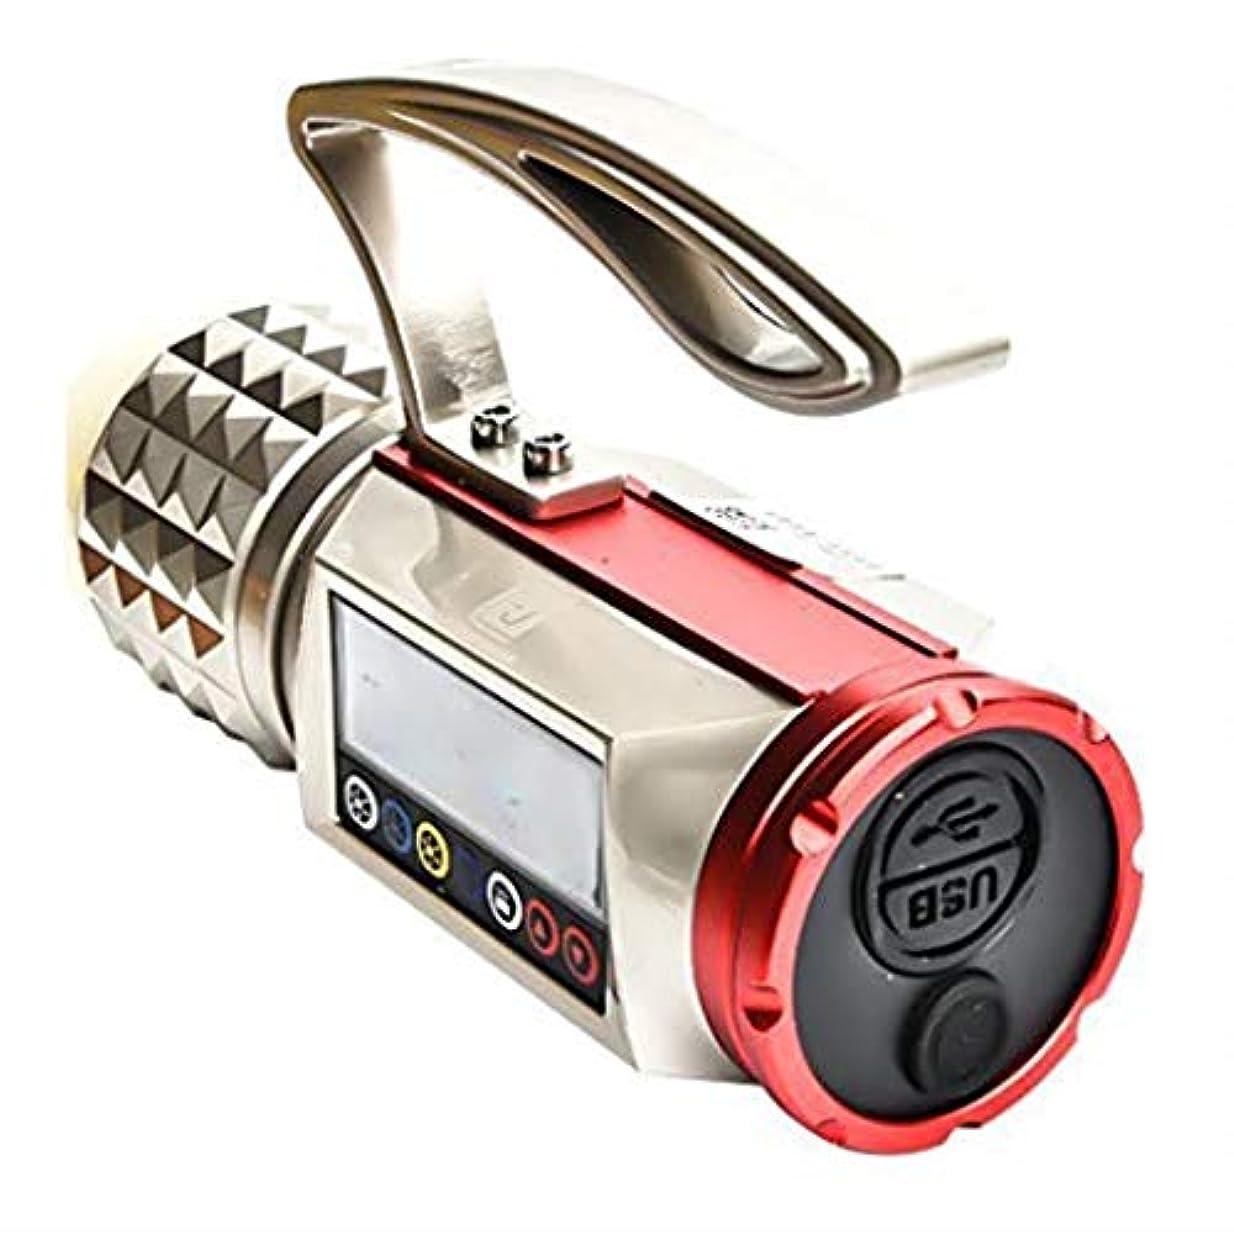 三番報酬のカタログ懐中電灯LEDグレア防水USB充電多機能釣りランプキャンプ電気トーチ